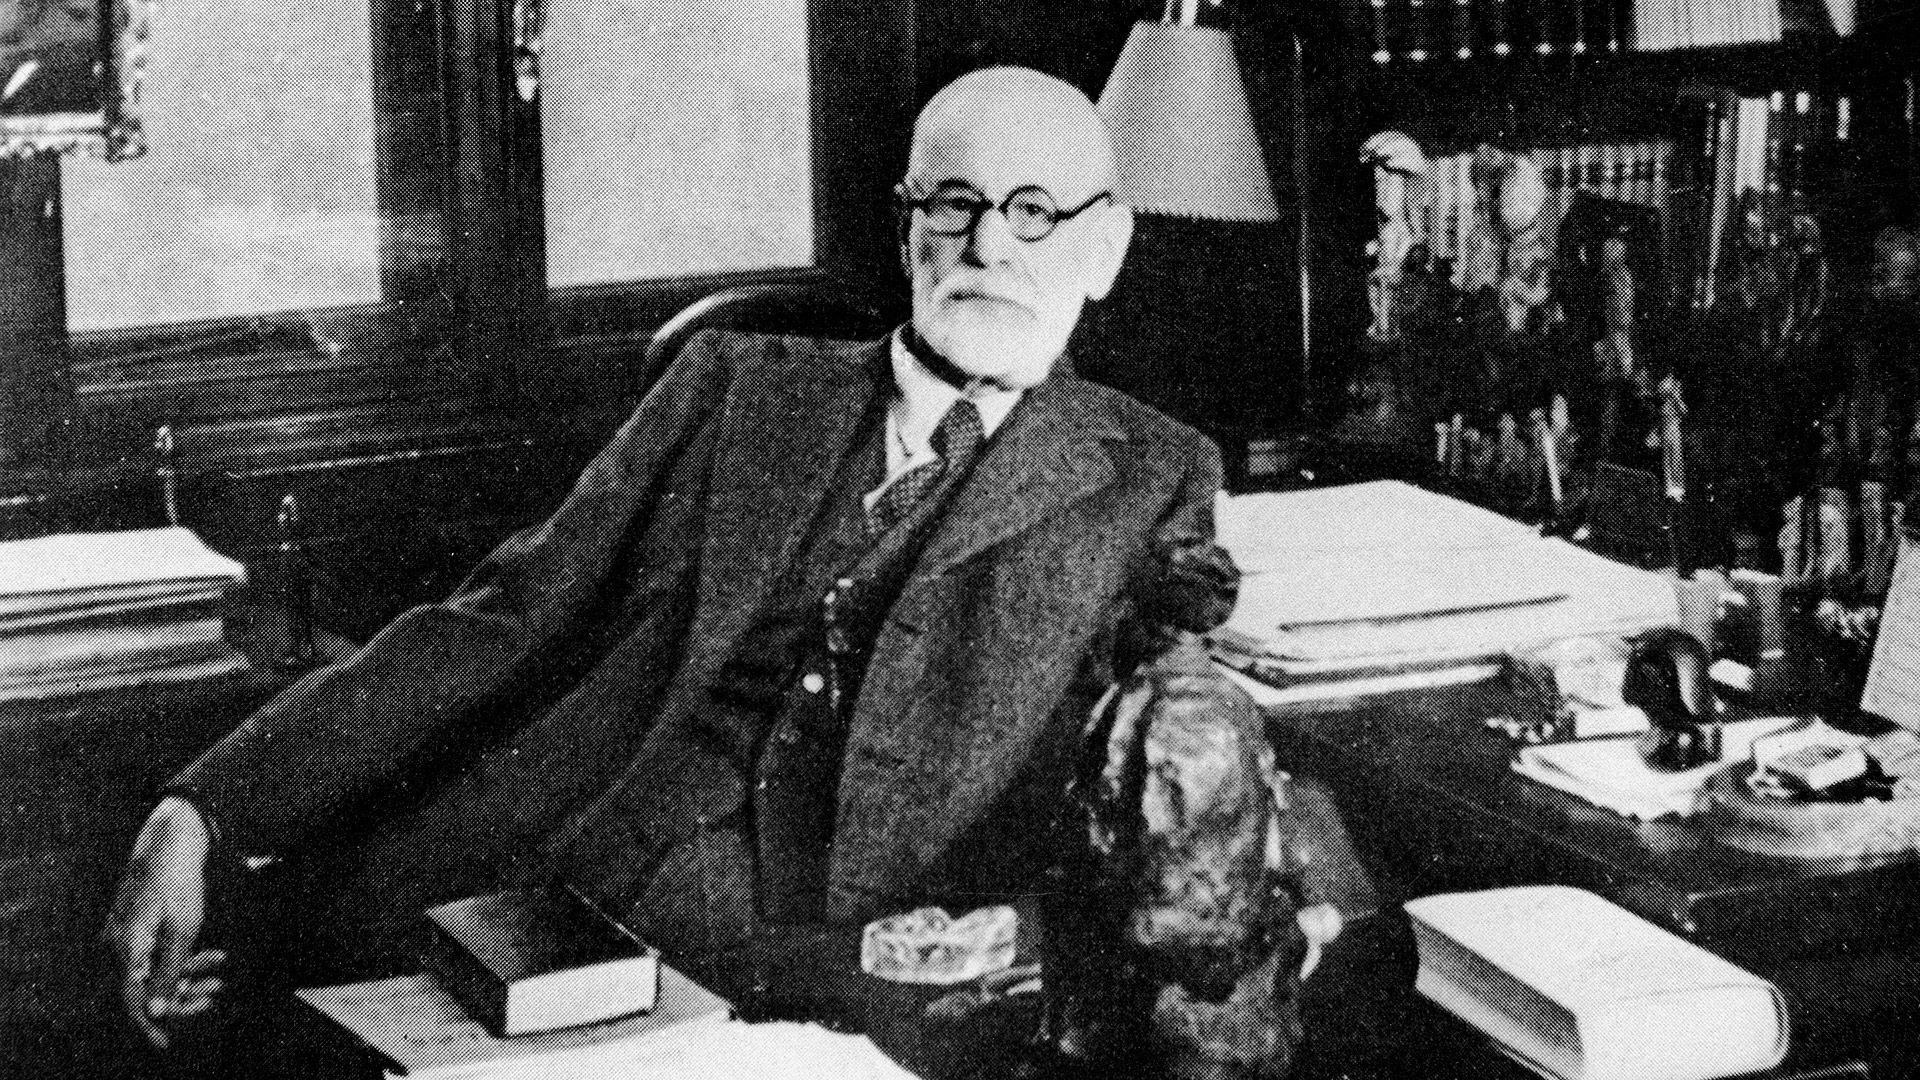 Los últimos días de Sigmund Freud: el cuerpo torturado, el olor de sus heridas y el pacto con su médico para no sufrir